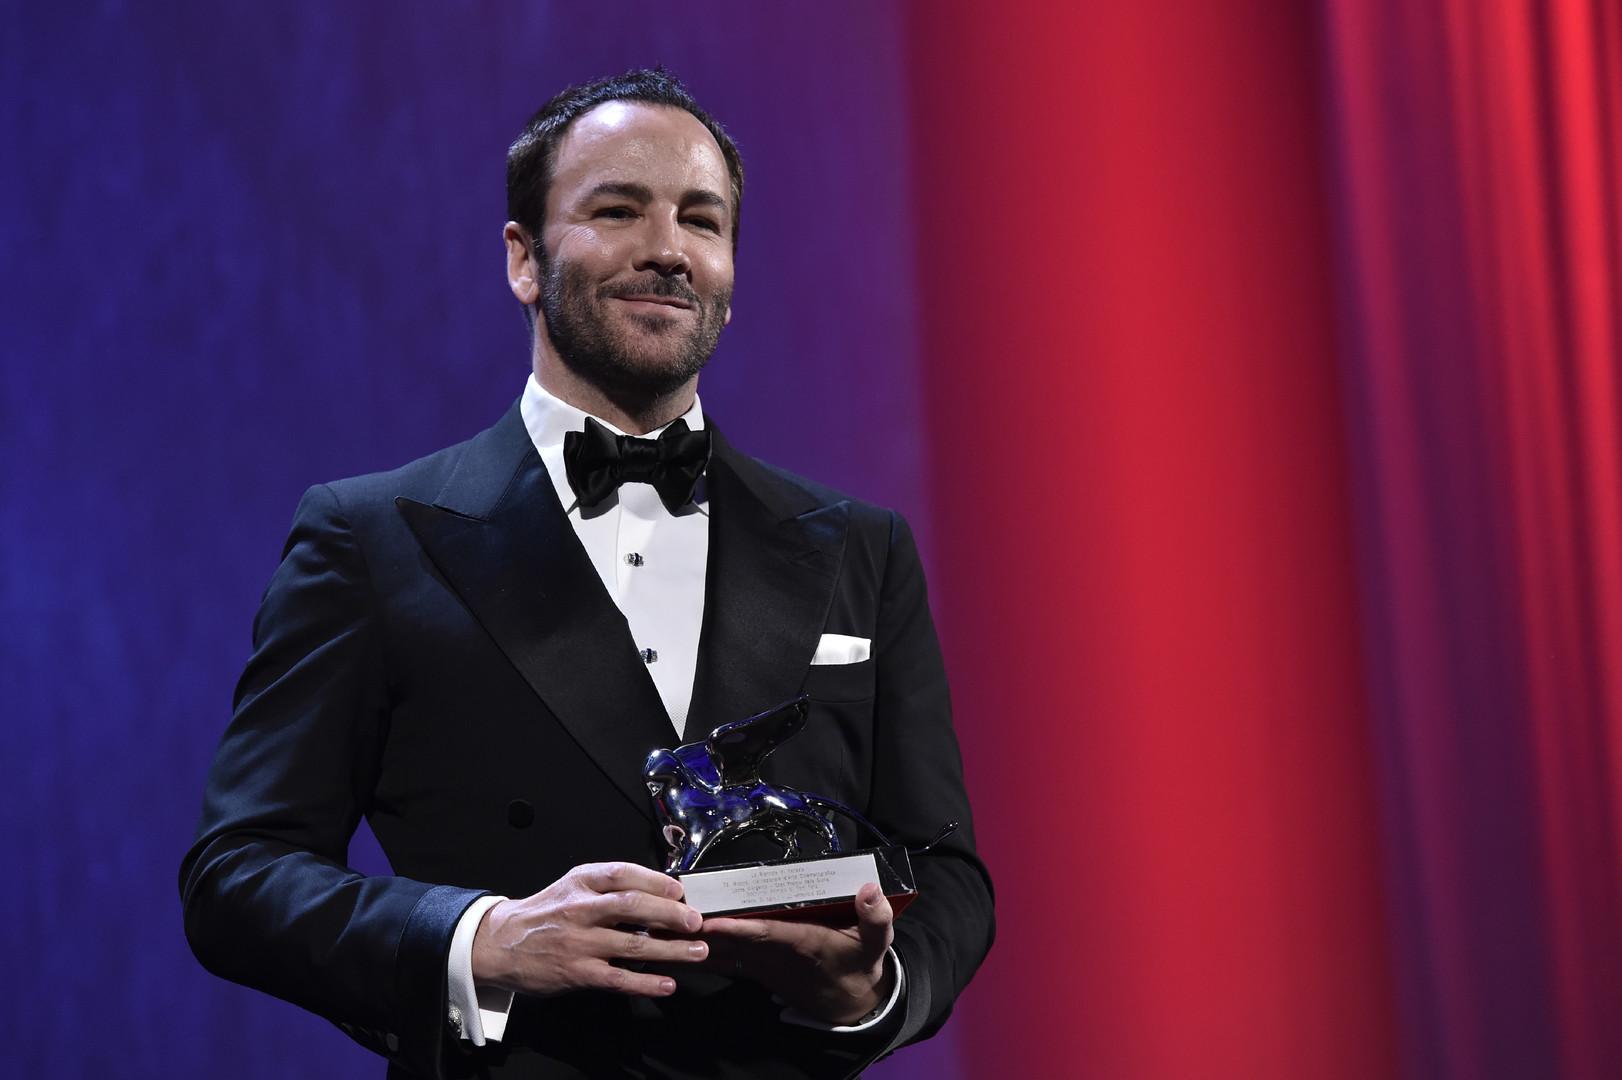 Режиссёр Том Форд получил гран-при жюри фестиваля.